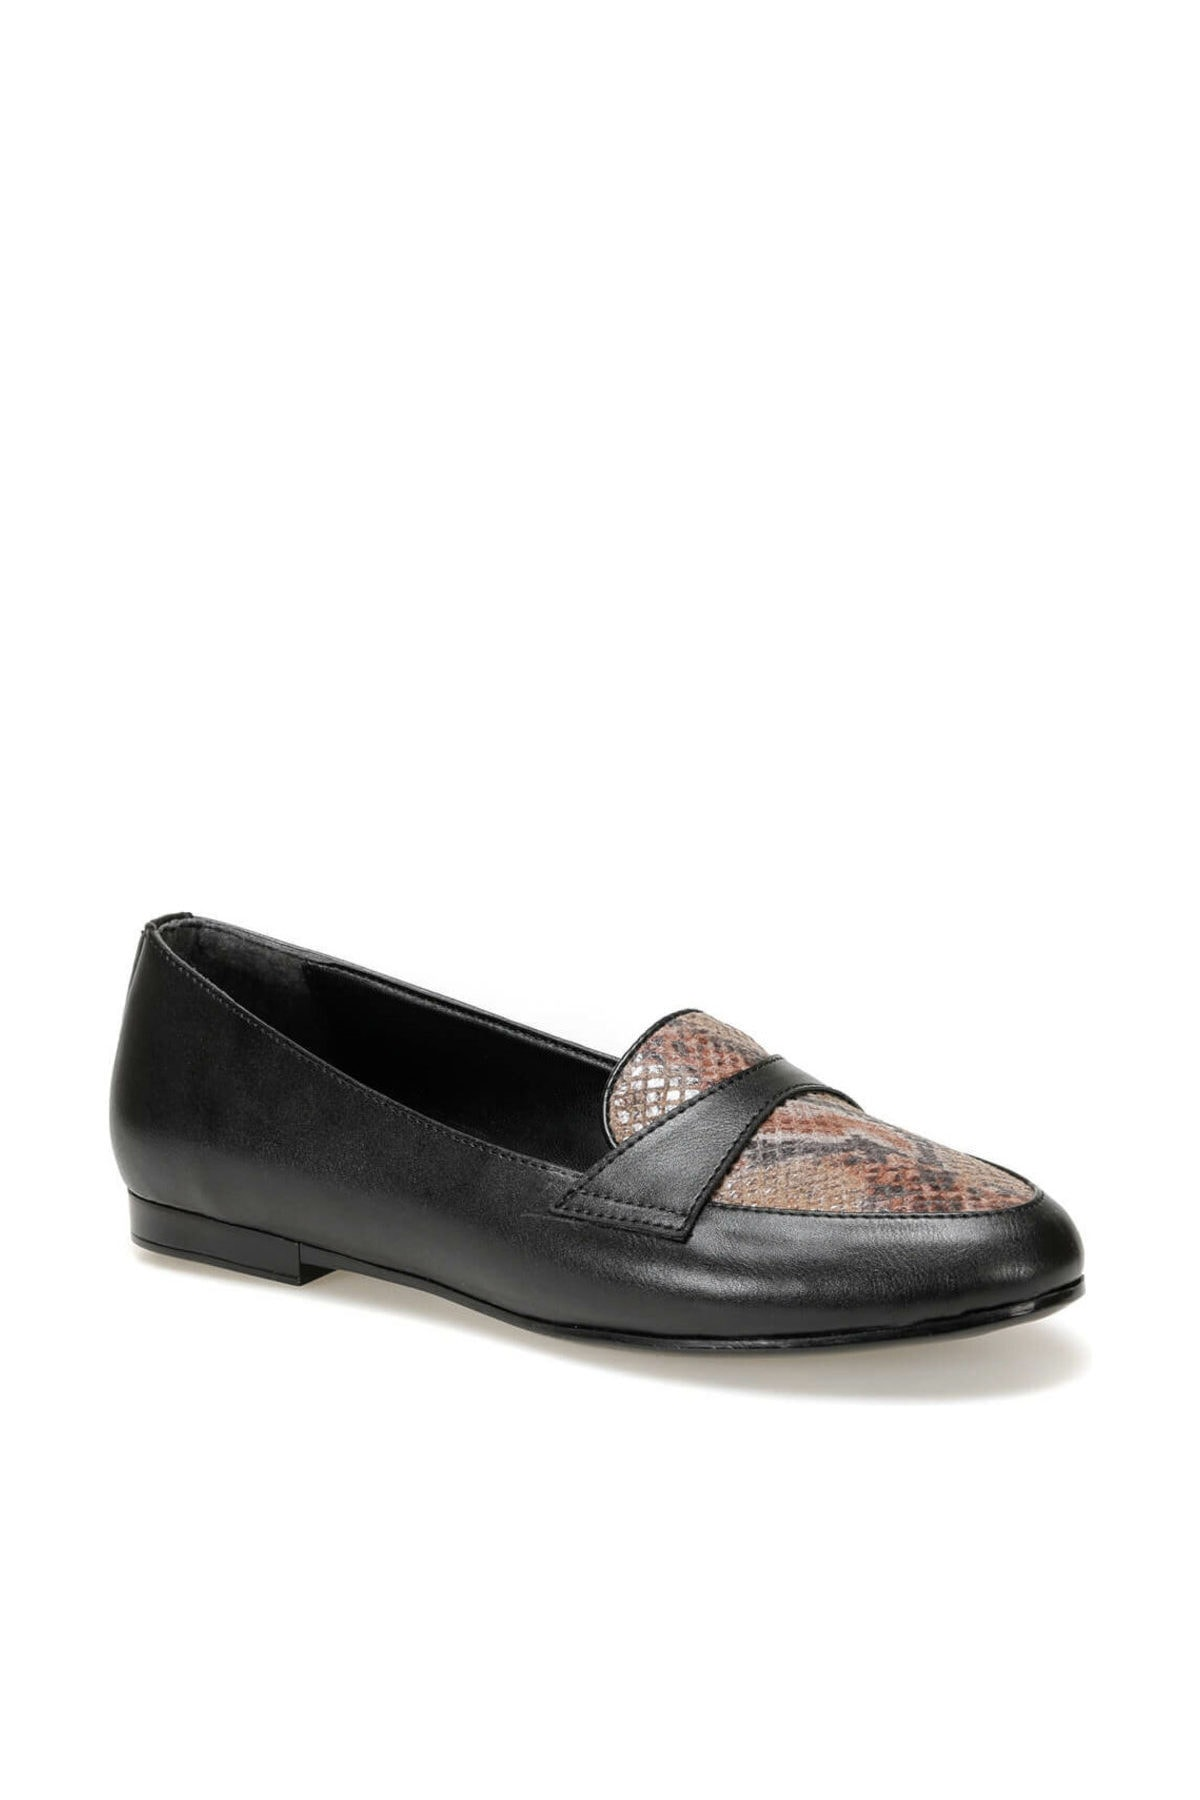 Miss F DW19083 Siyah Kadın Loafer Ayakkabı 100440363 1